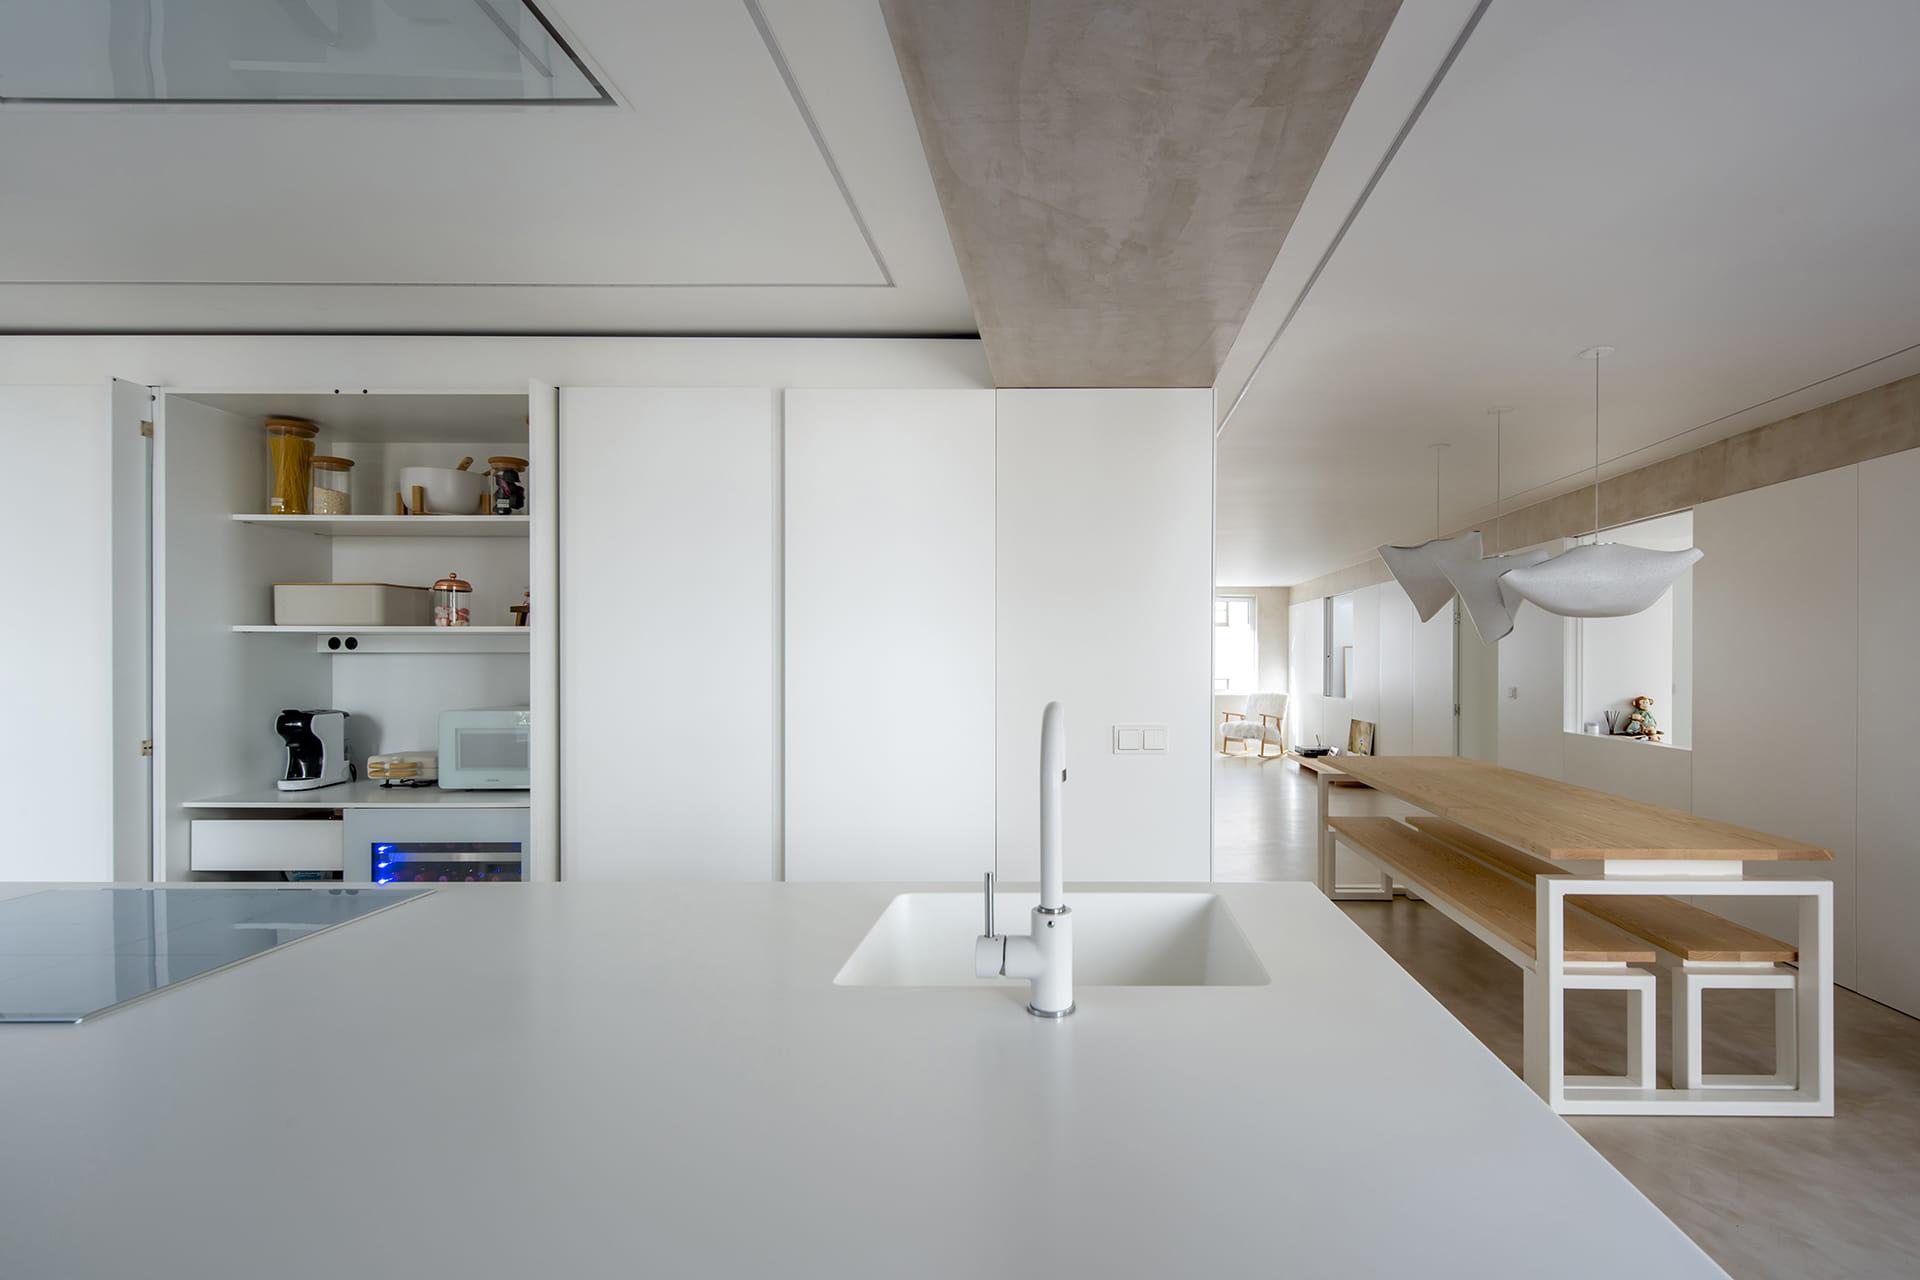 Uittrekbaar keukenmeubel in witte keuken